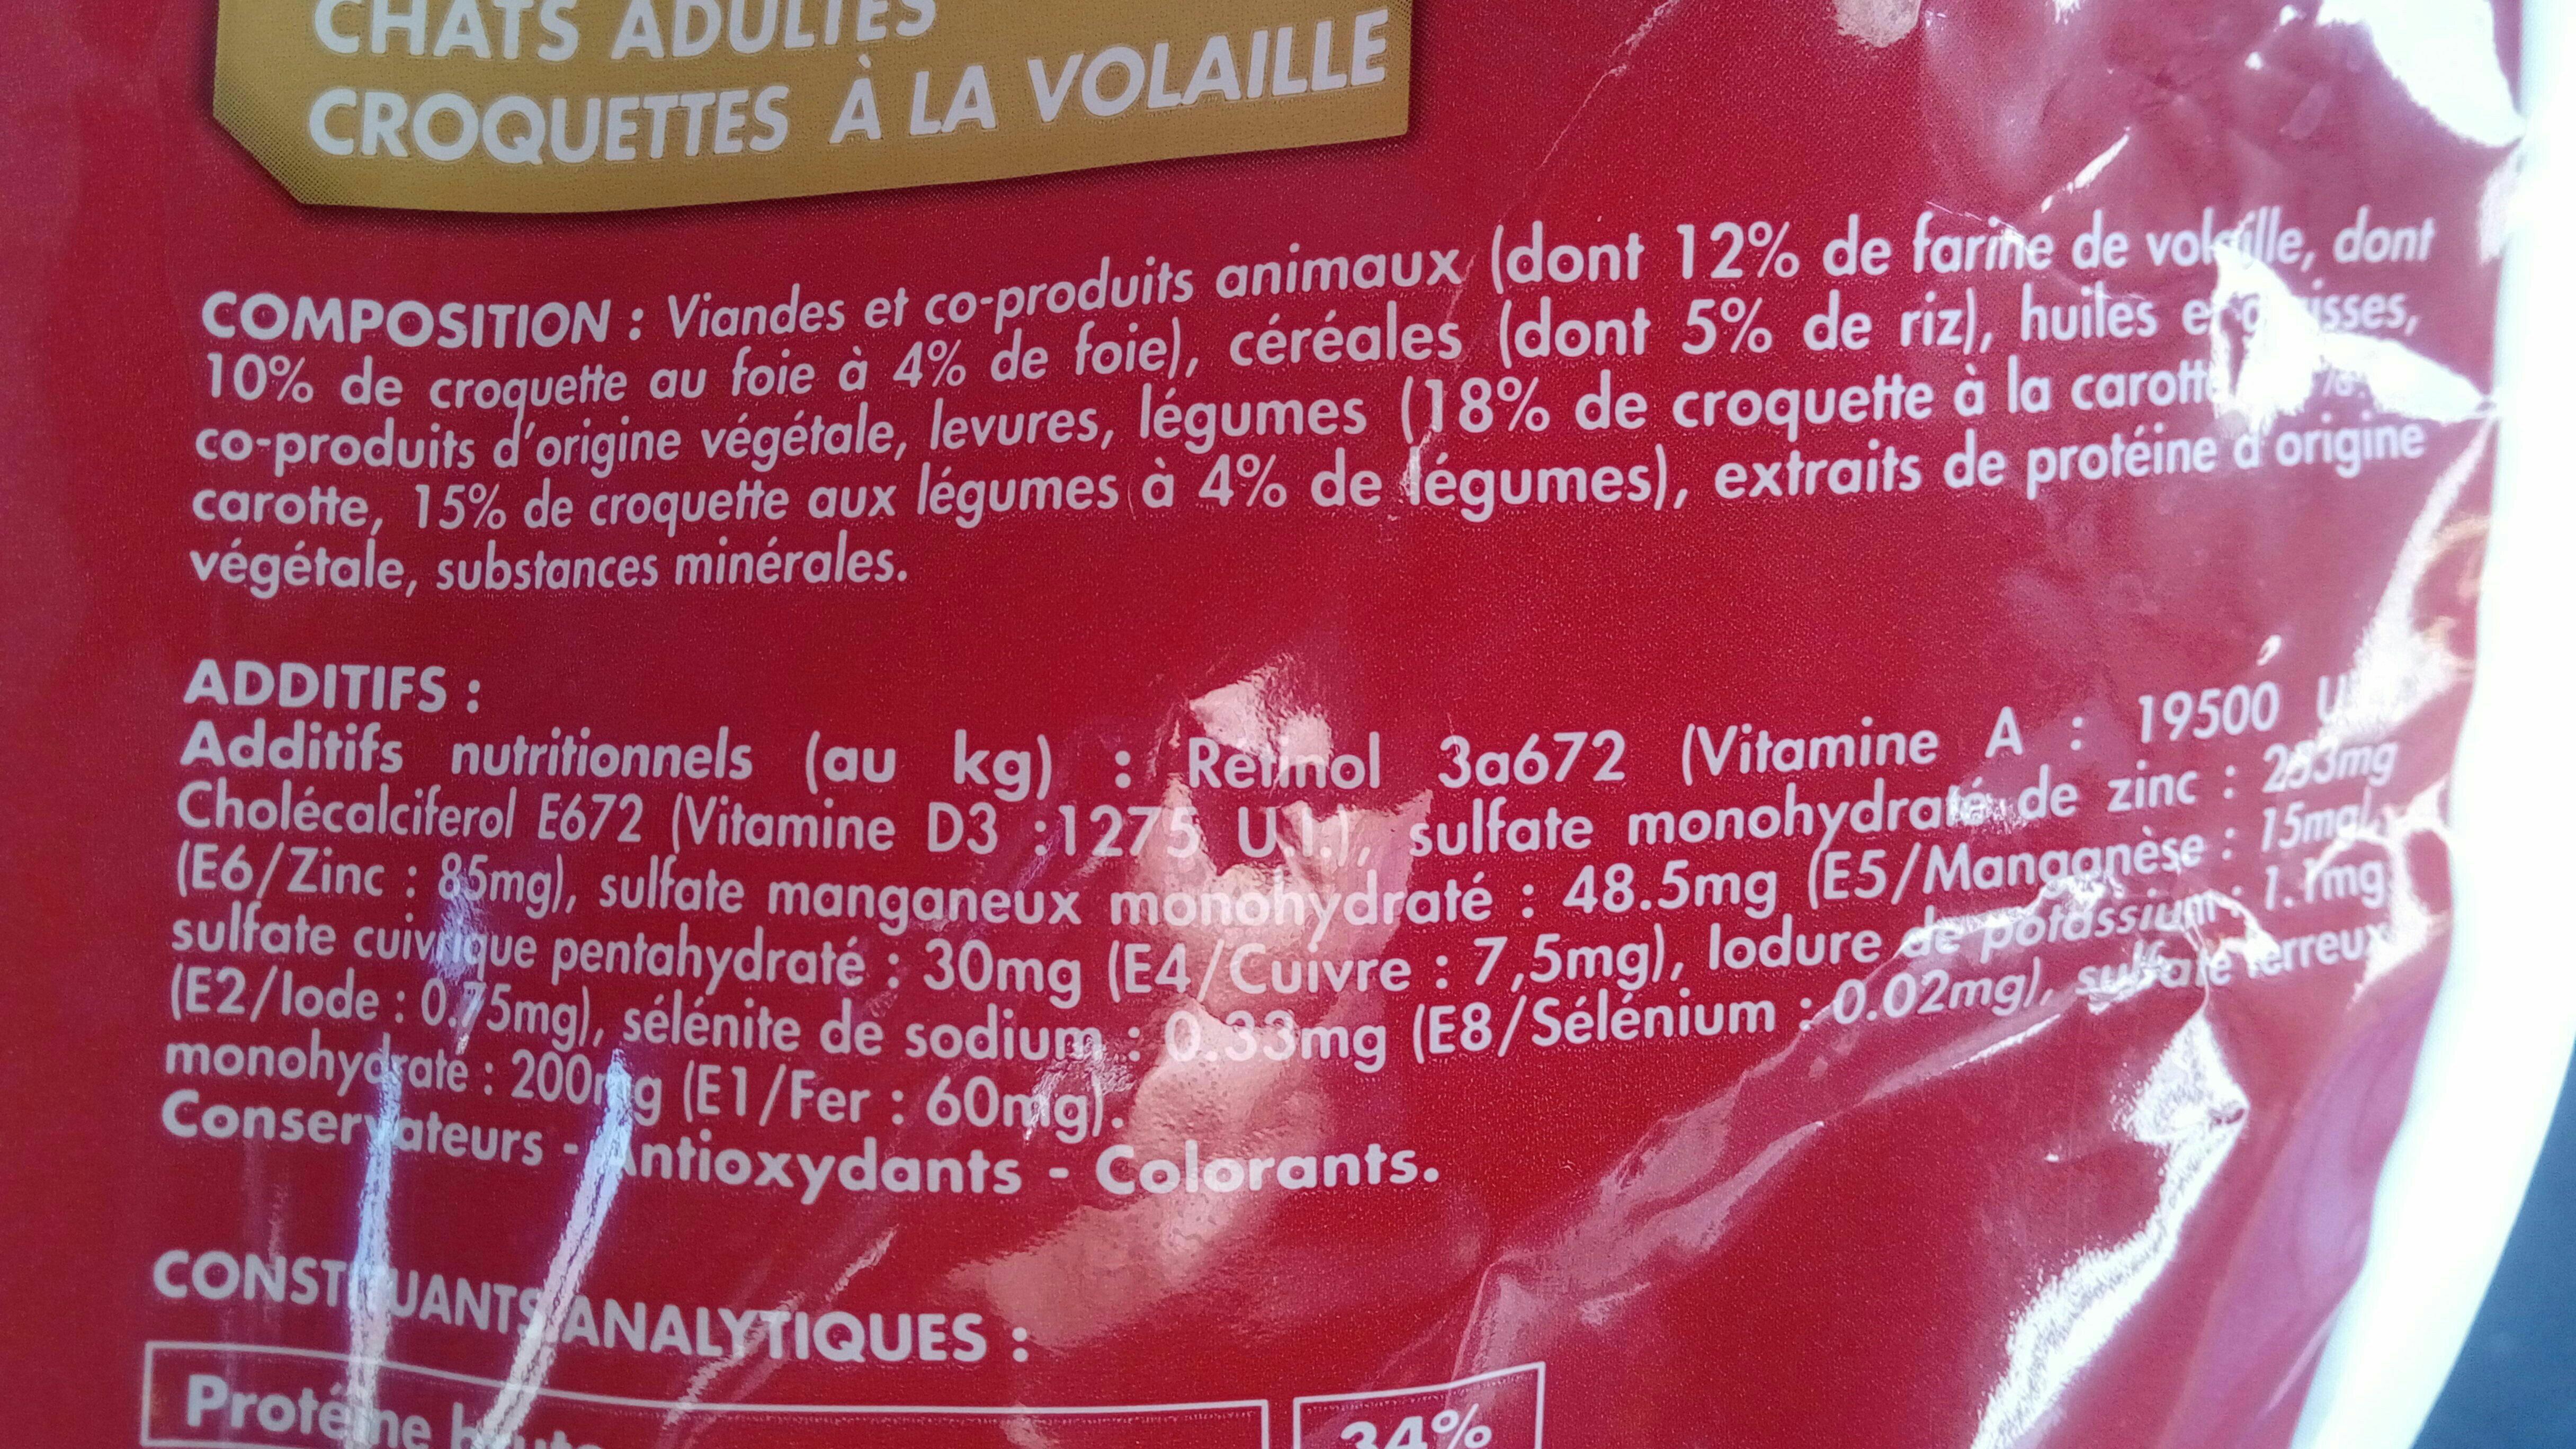 Croquettes à la volaille - Ingredients